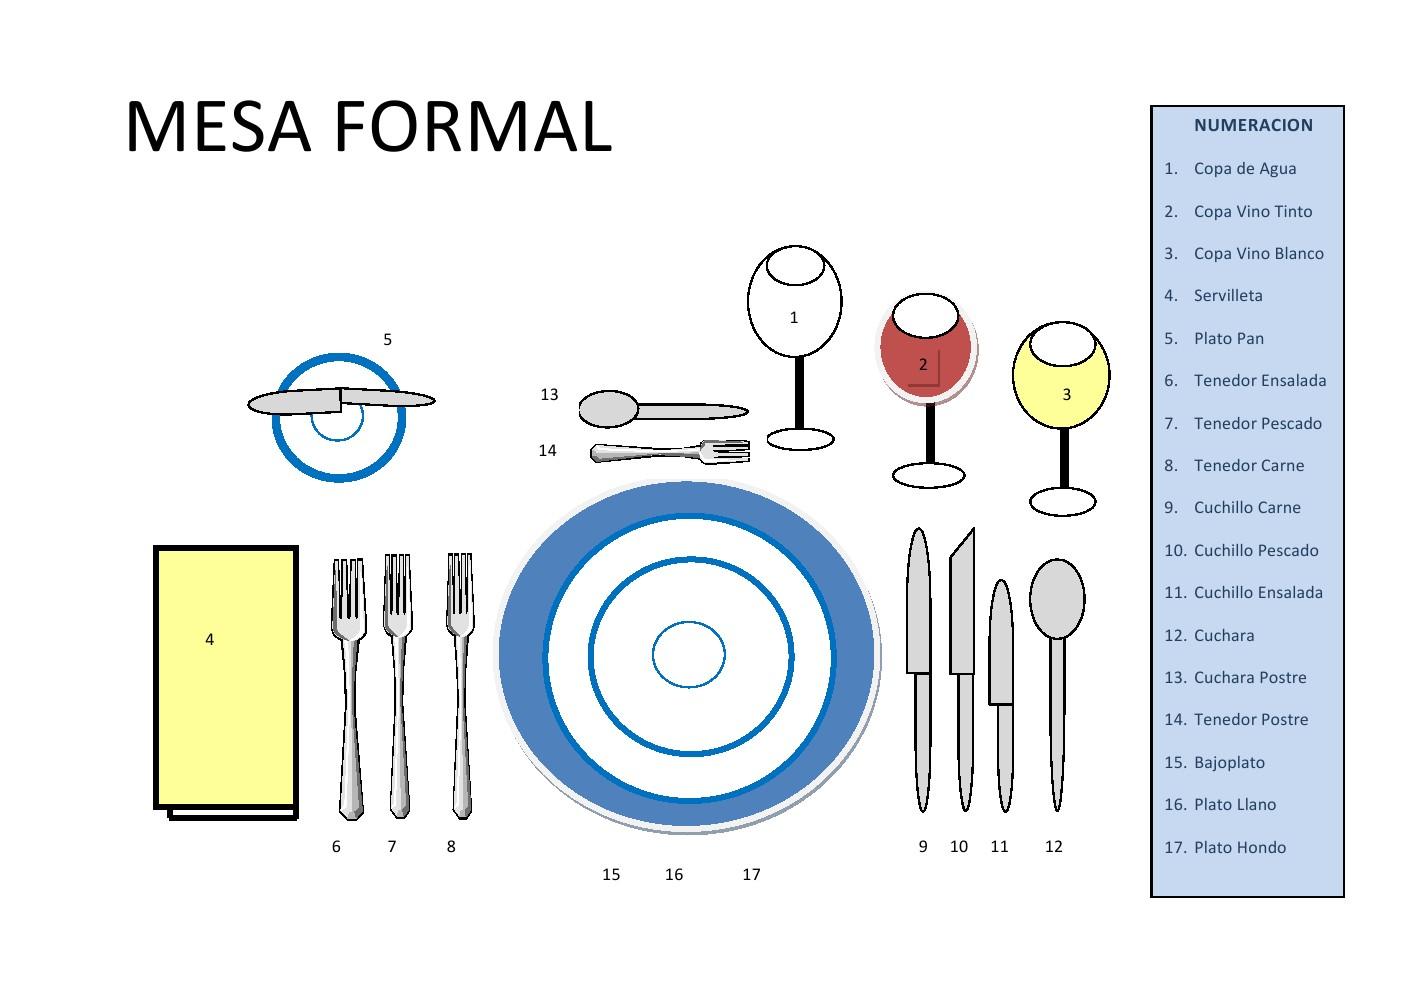 What image asesoria imagen personal cursos imagen sabadell - Protocolo cubiertos mesa ...